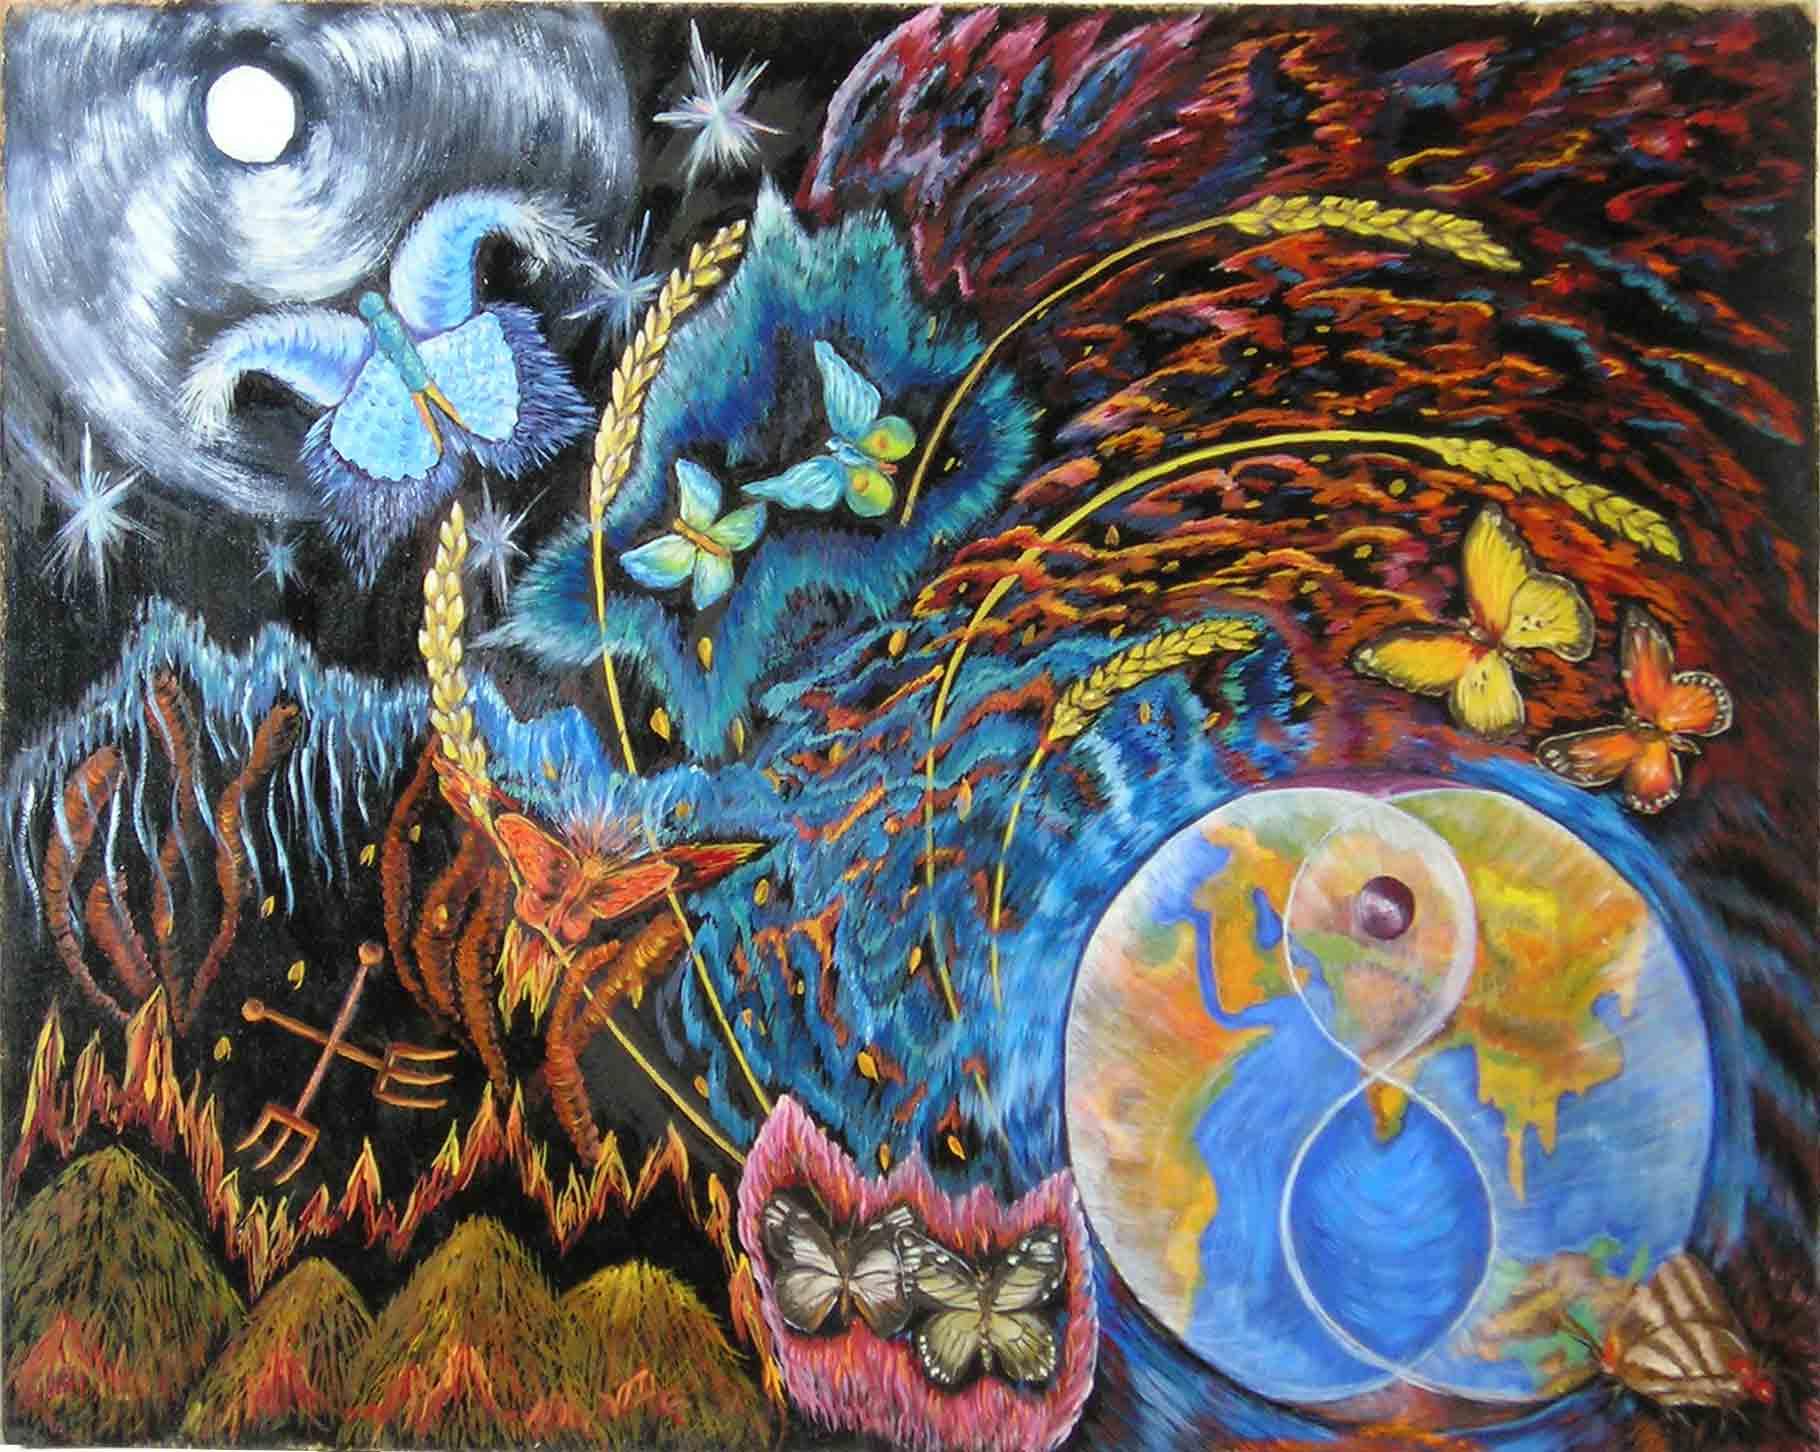 эзотерическая живопись, картины, Небесная Нить, Пальковская-Чабанюк, Армагеддон, эзотерика, душа, бессмертие